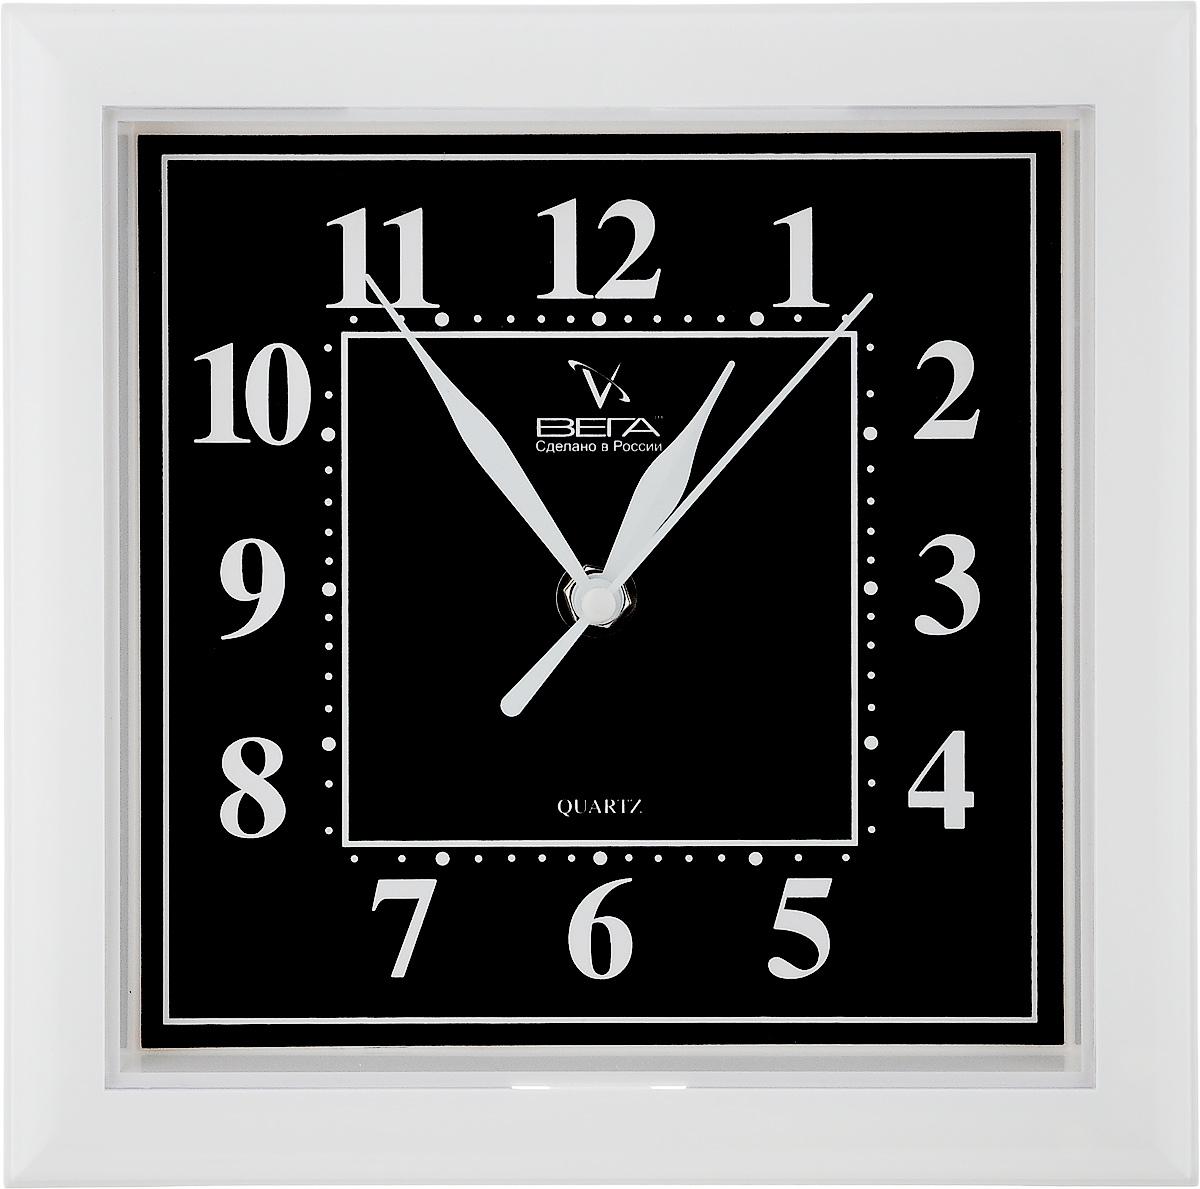 Часы настенные Вега Классика, цвет: белый, черный, 20,6 х 20,6 х 4 смП3-7-48Настенные кварцевые часы Вега Классика в классическом дизайне, изготовленные из пластика, прекрасно впишутся в интерьер вашего дома. Квадратные часы имеют три стрелки: часовую, минутную и секундную, циферблат защищен прозрачным пластиком. Часы работают от 1 батарейки типа АА напряжением 1,5 В (не входит в комплект).